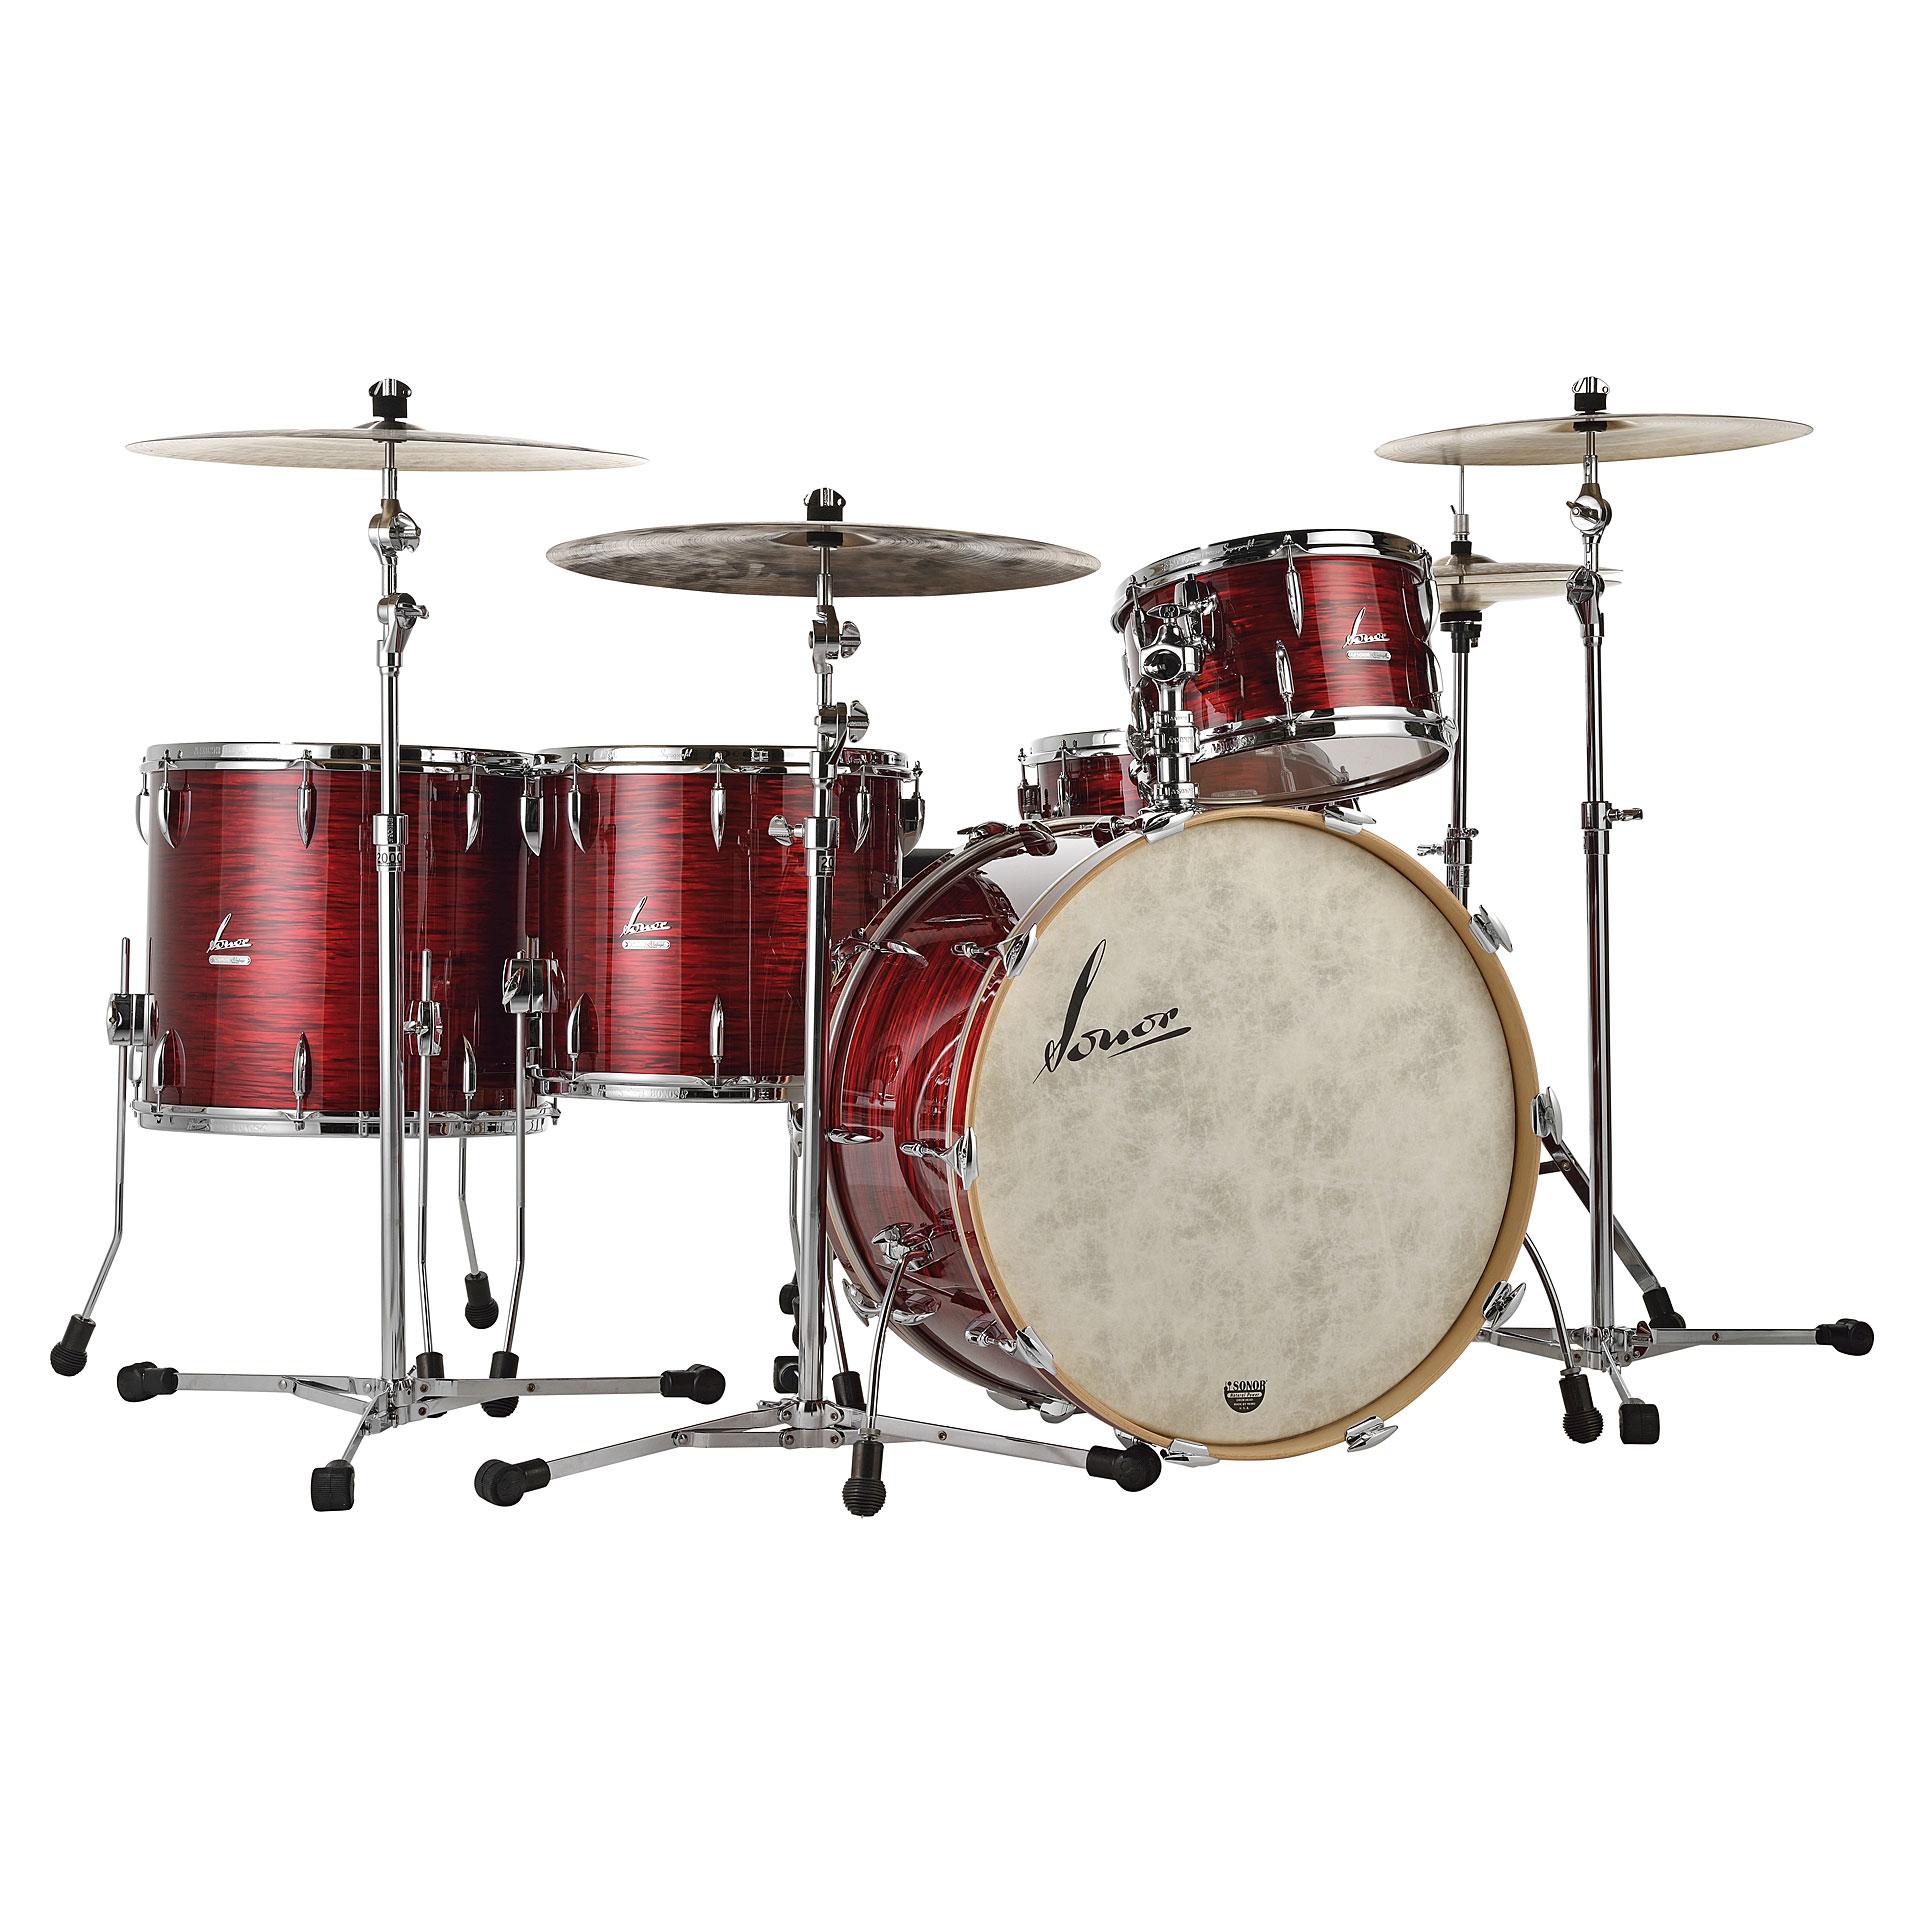 sonor vintage series vt16 rock 2 red oyster drum kit. Black Bedroom Furniture Sets. Home Design Ideas